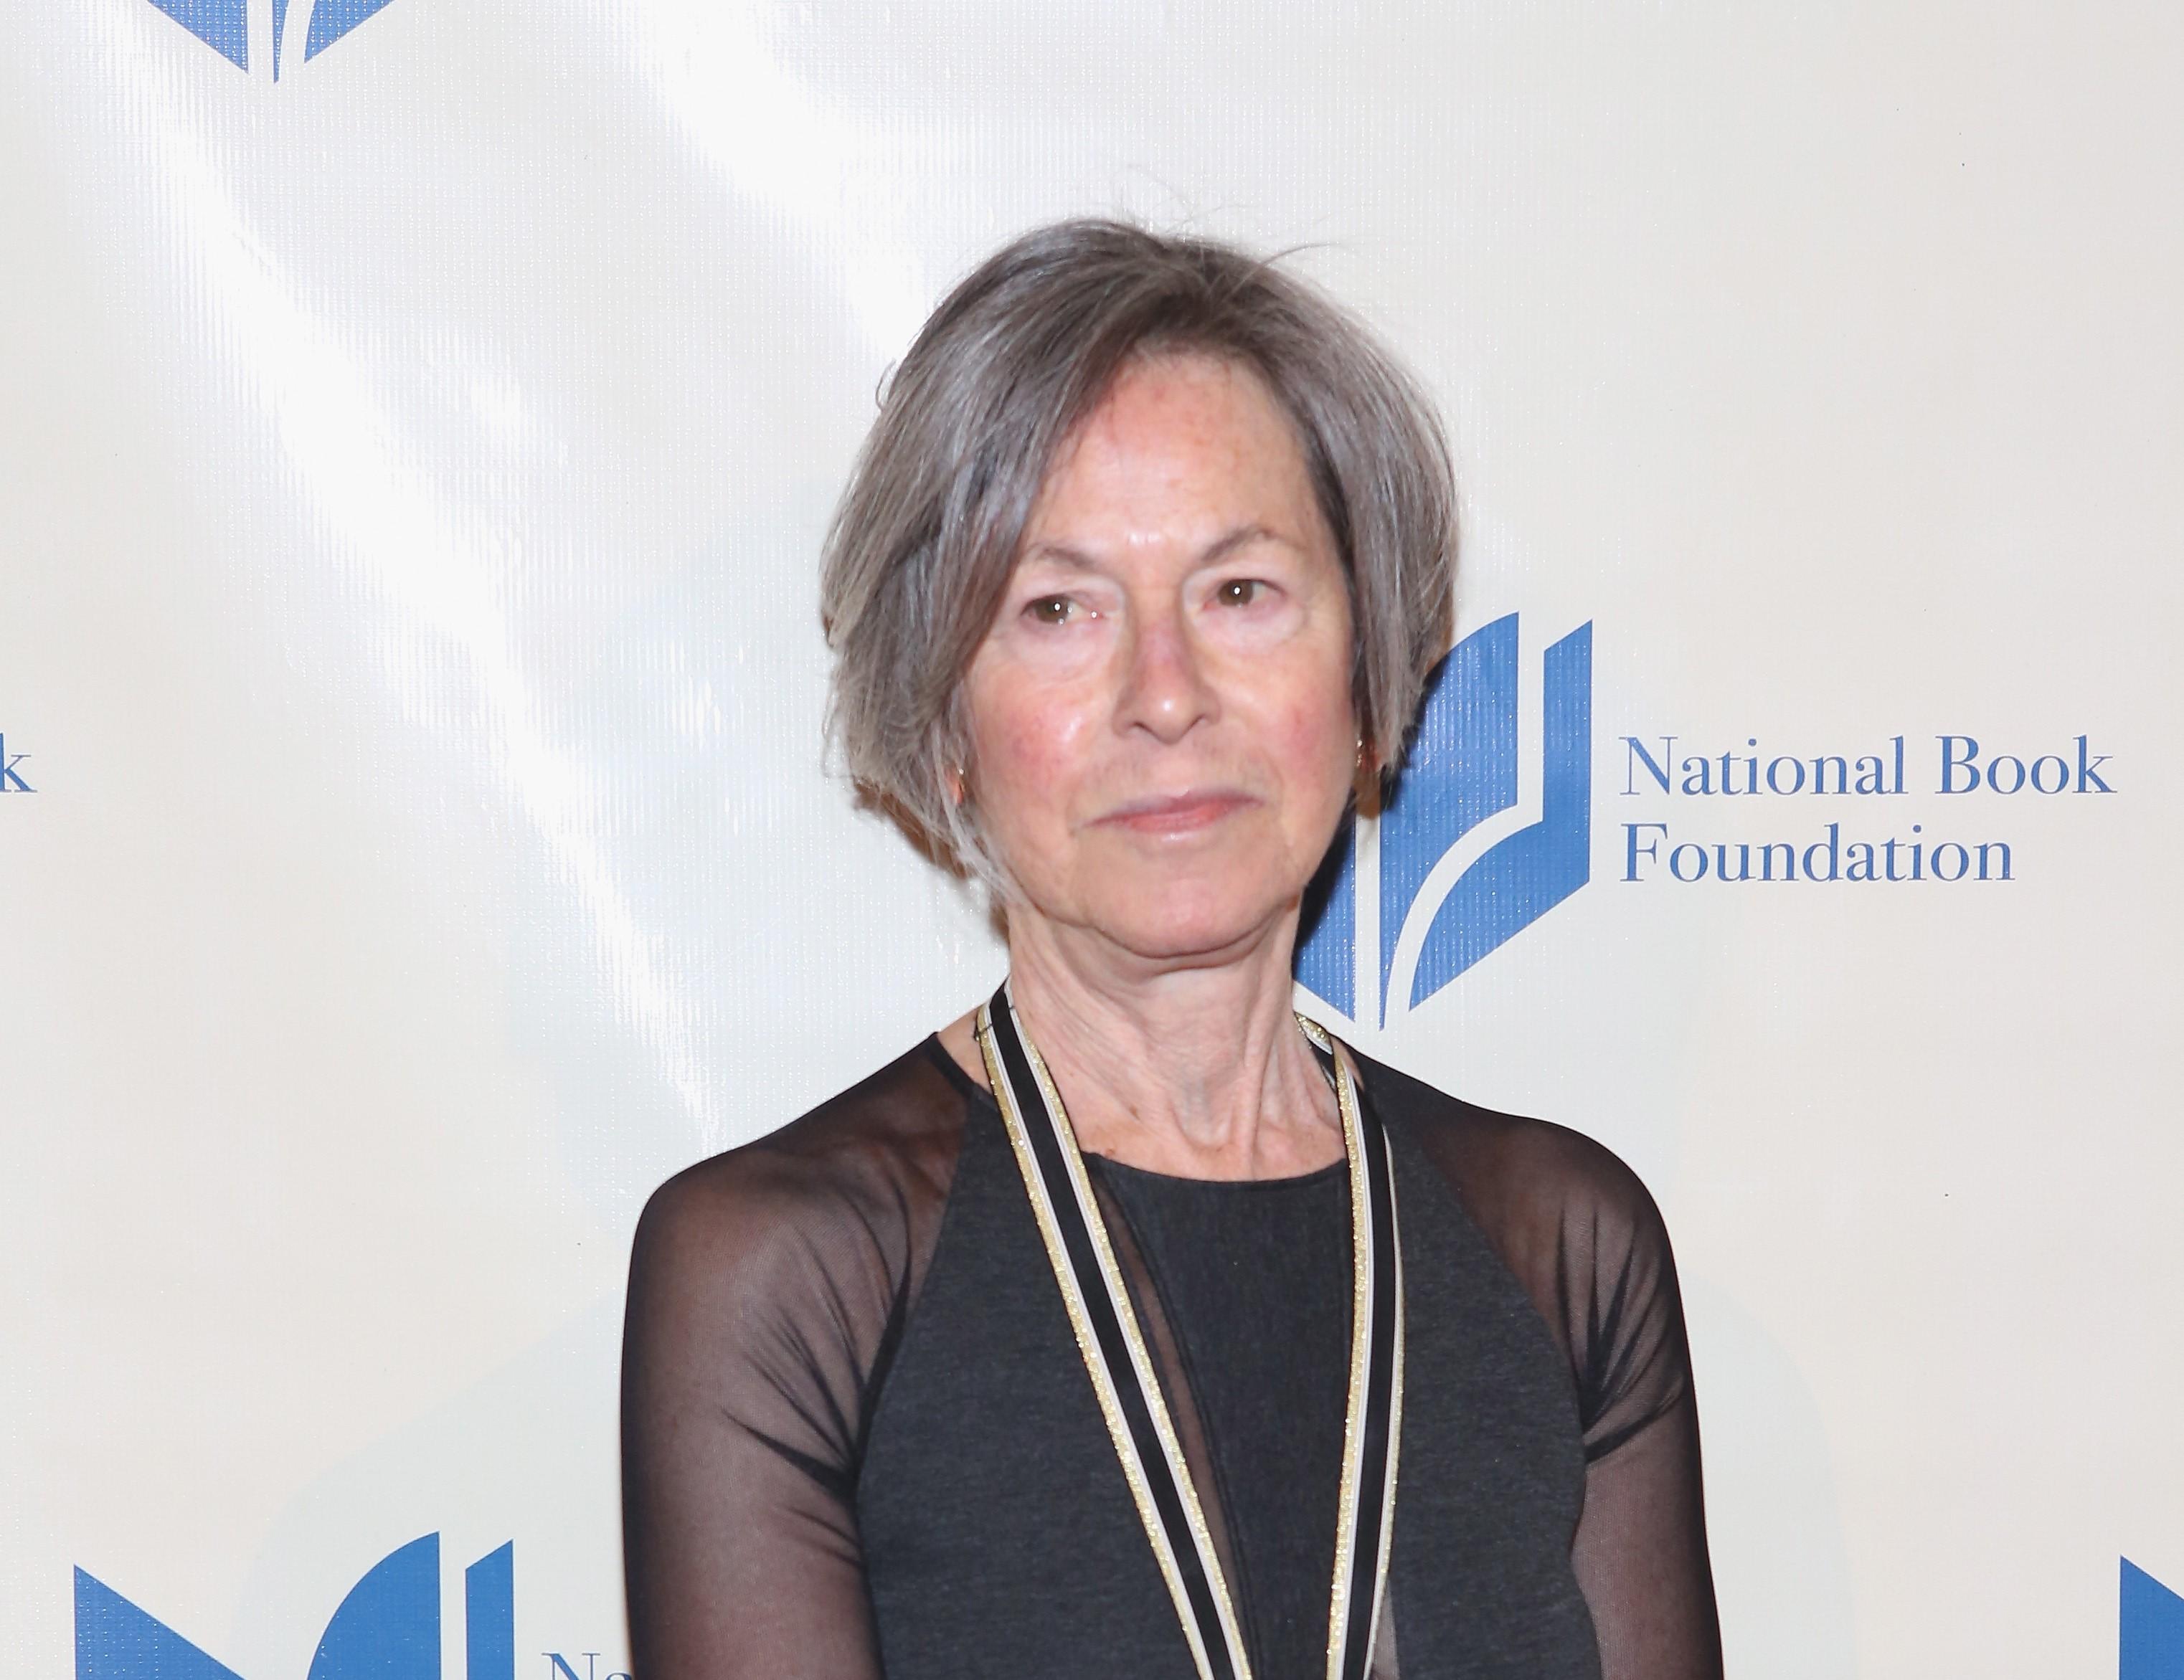 Louise Glück nyerte az irodalmi Nobel-díjat